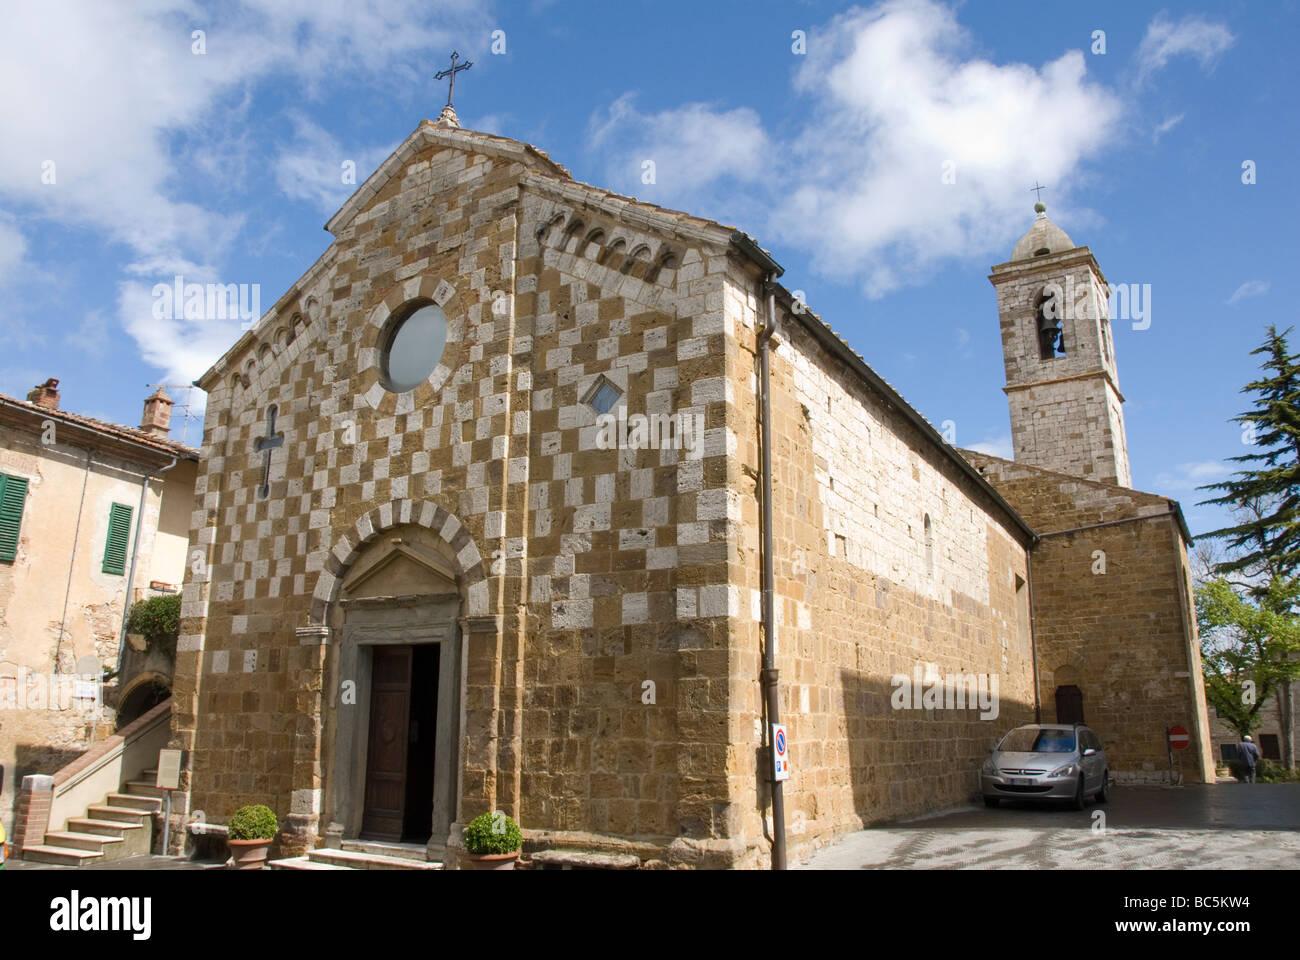 chequerboard facade of the 1327 La Chiesa dei SS Pietro e Andrea (church of Saints Peter and Andrew) in Trequanda. - Stock Image